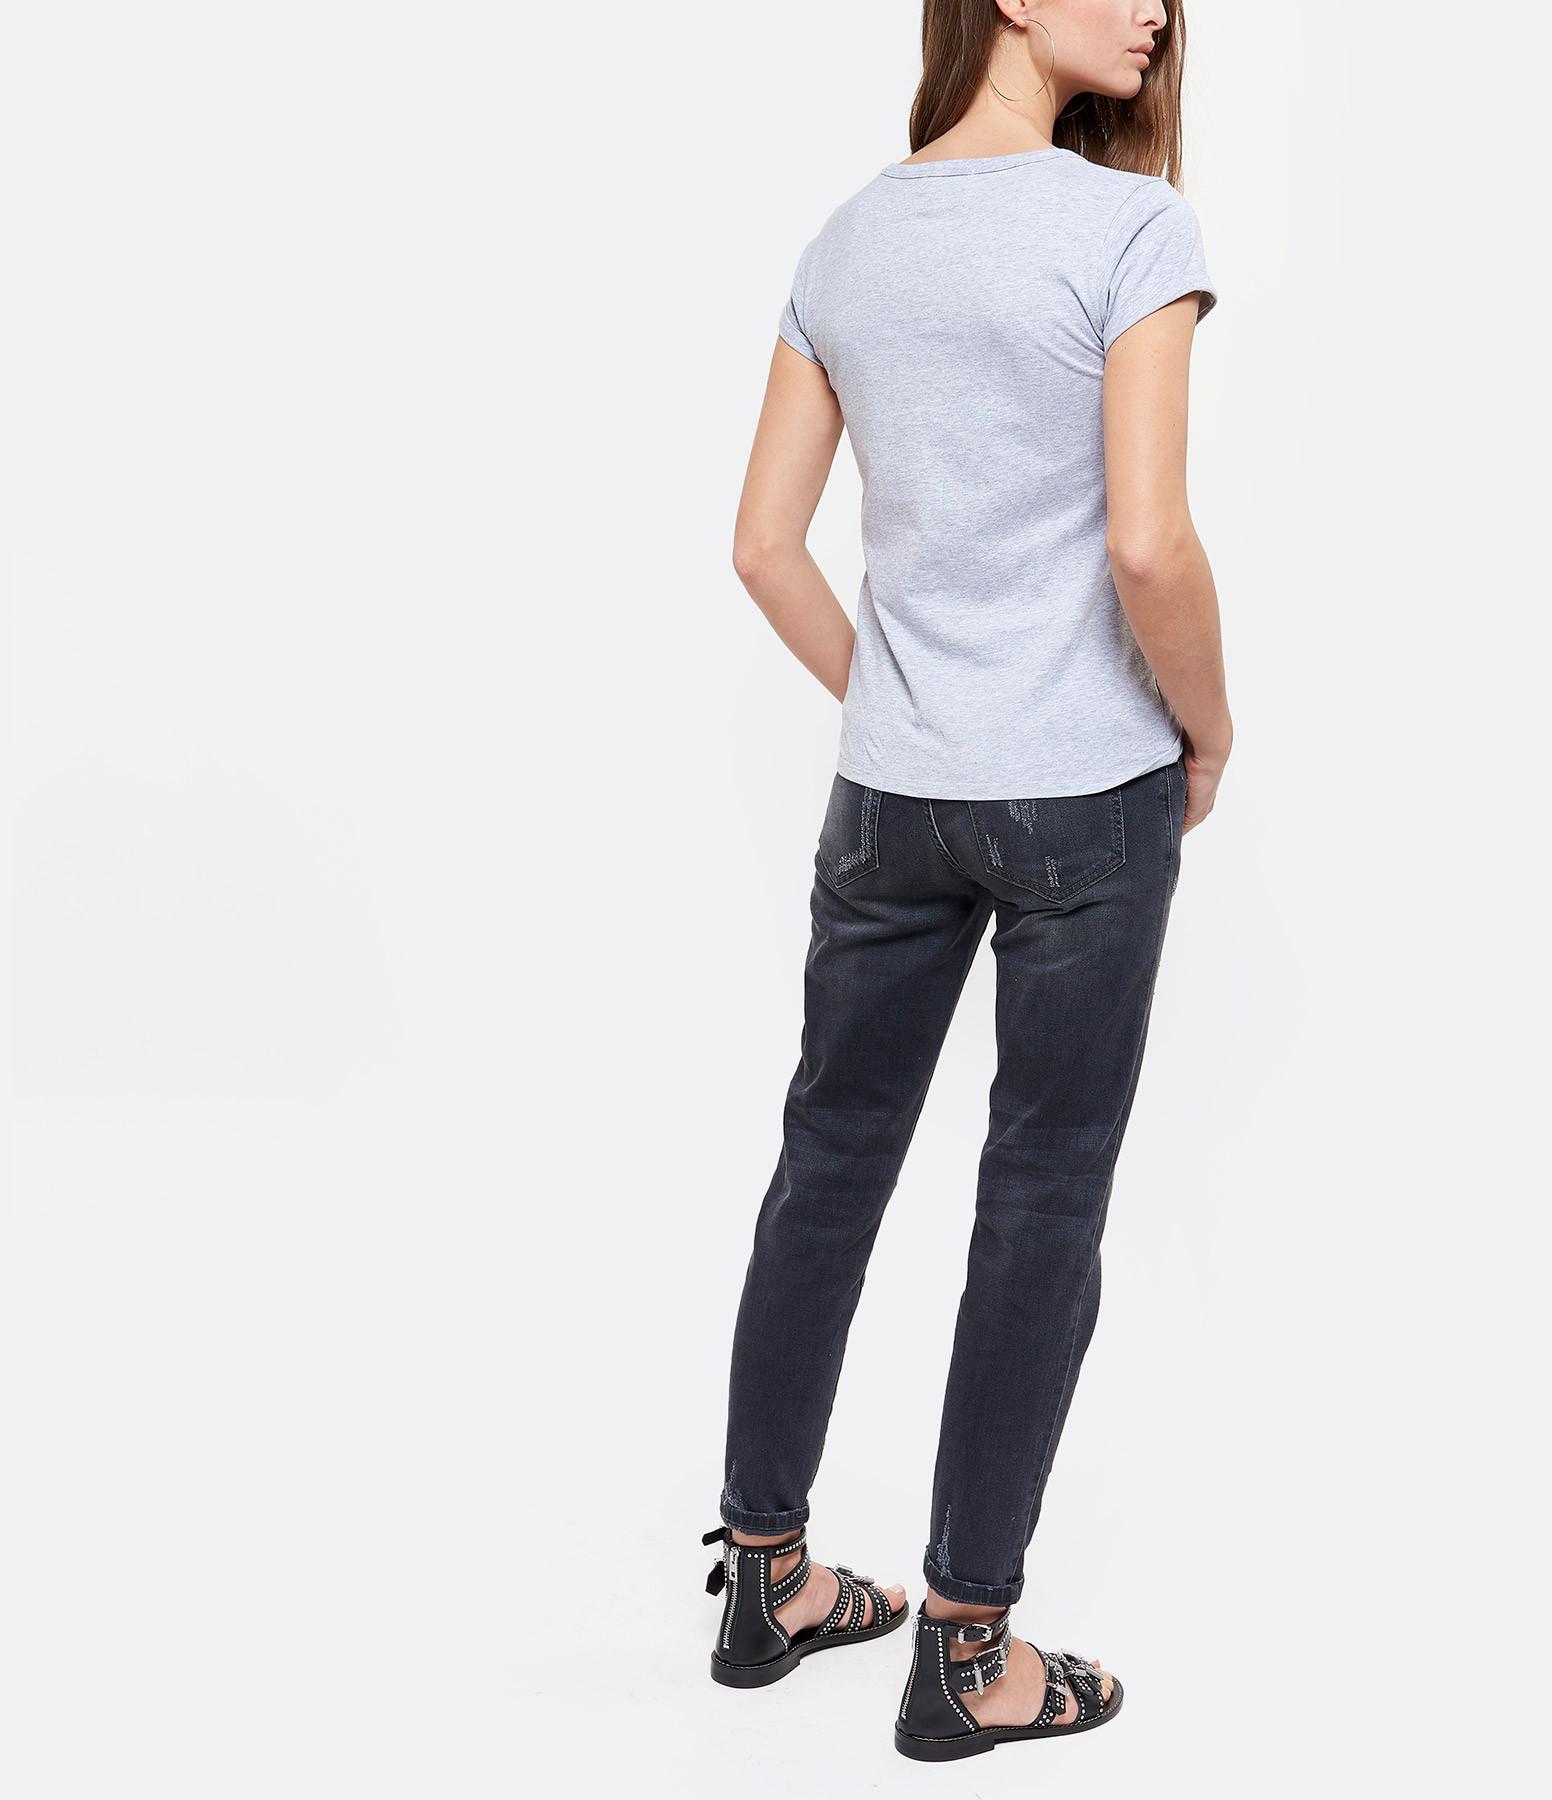 MAISON LABICHE - Tee-shirt Rêver, Aimer Coton Gris Chiné Bleu